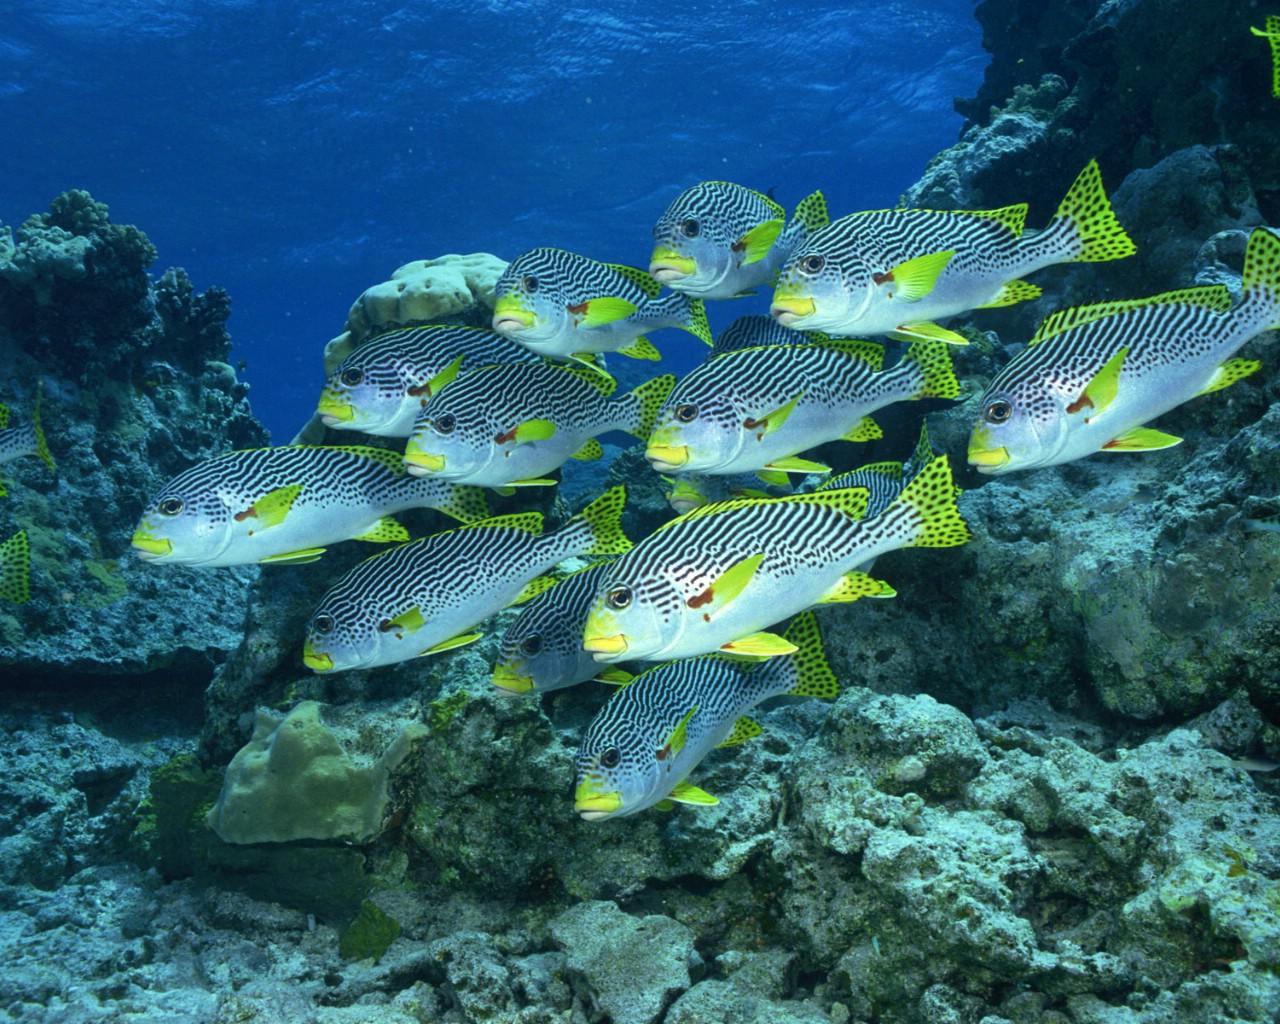 海底电脑桌面壁纸 可游动海洋生物桌面带时间的壁纸,有海里的动物还有